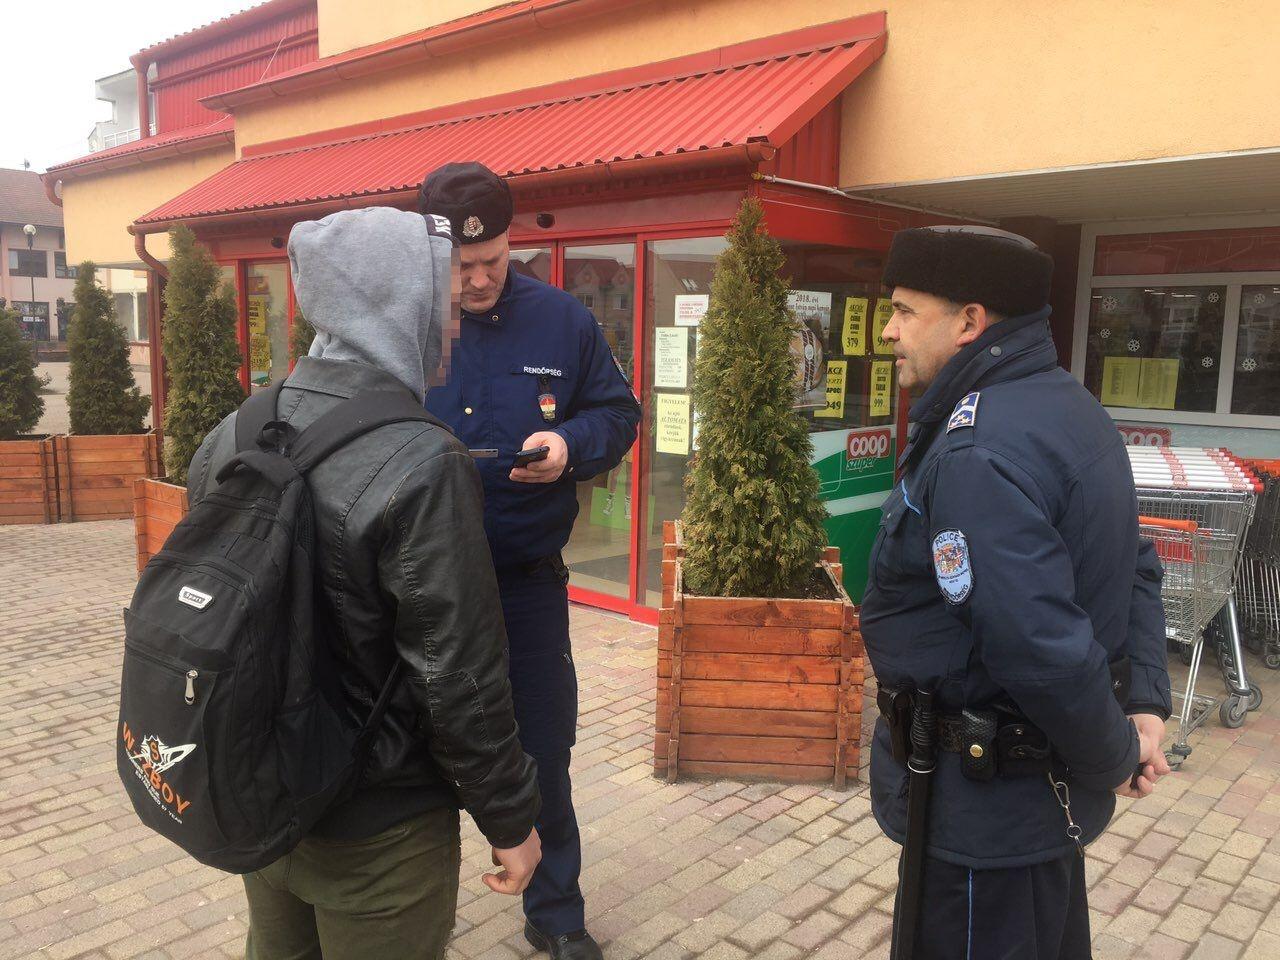 Ifjúságvédelmi ellenőrzés – Csellengő diákokat igazoltattak Szabolcs megyében